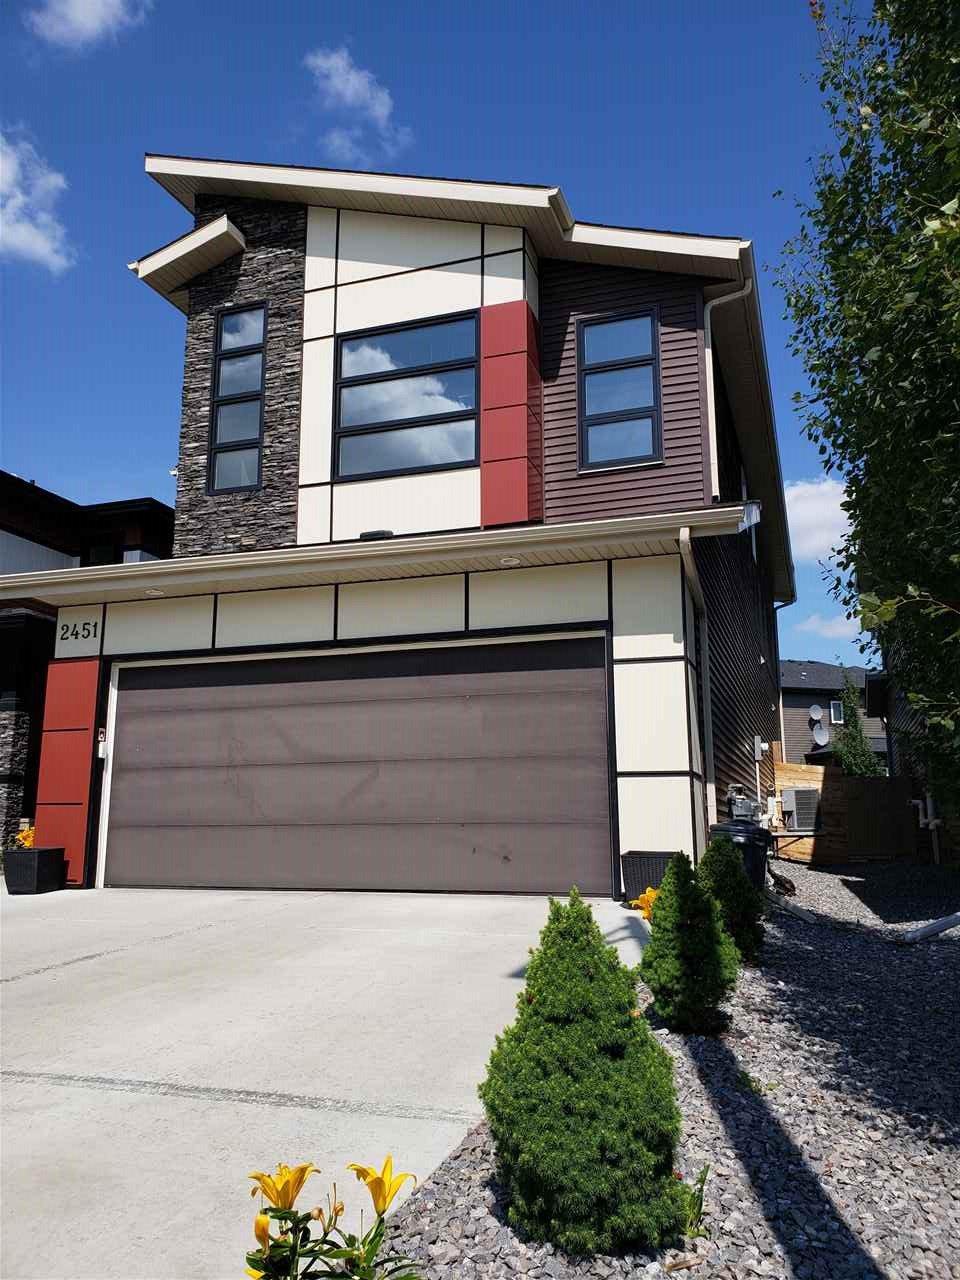 Main Photo: 2451 WARE Crescent in Edmonton: Zone 56 House for sale : MLS®# E4166619